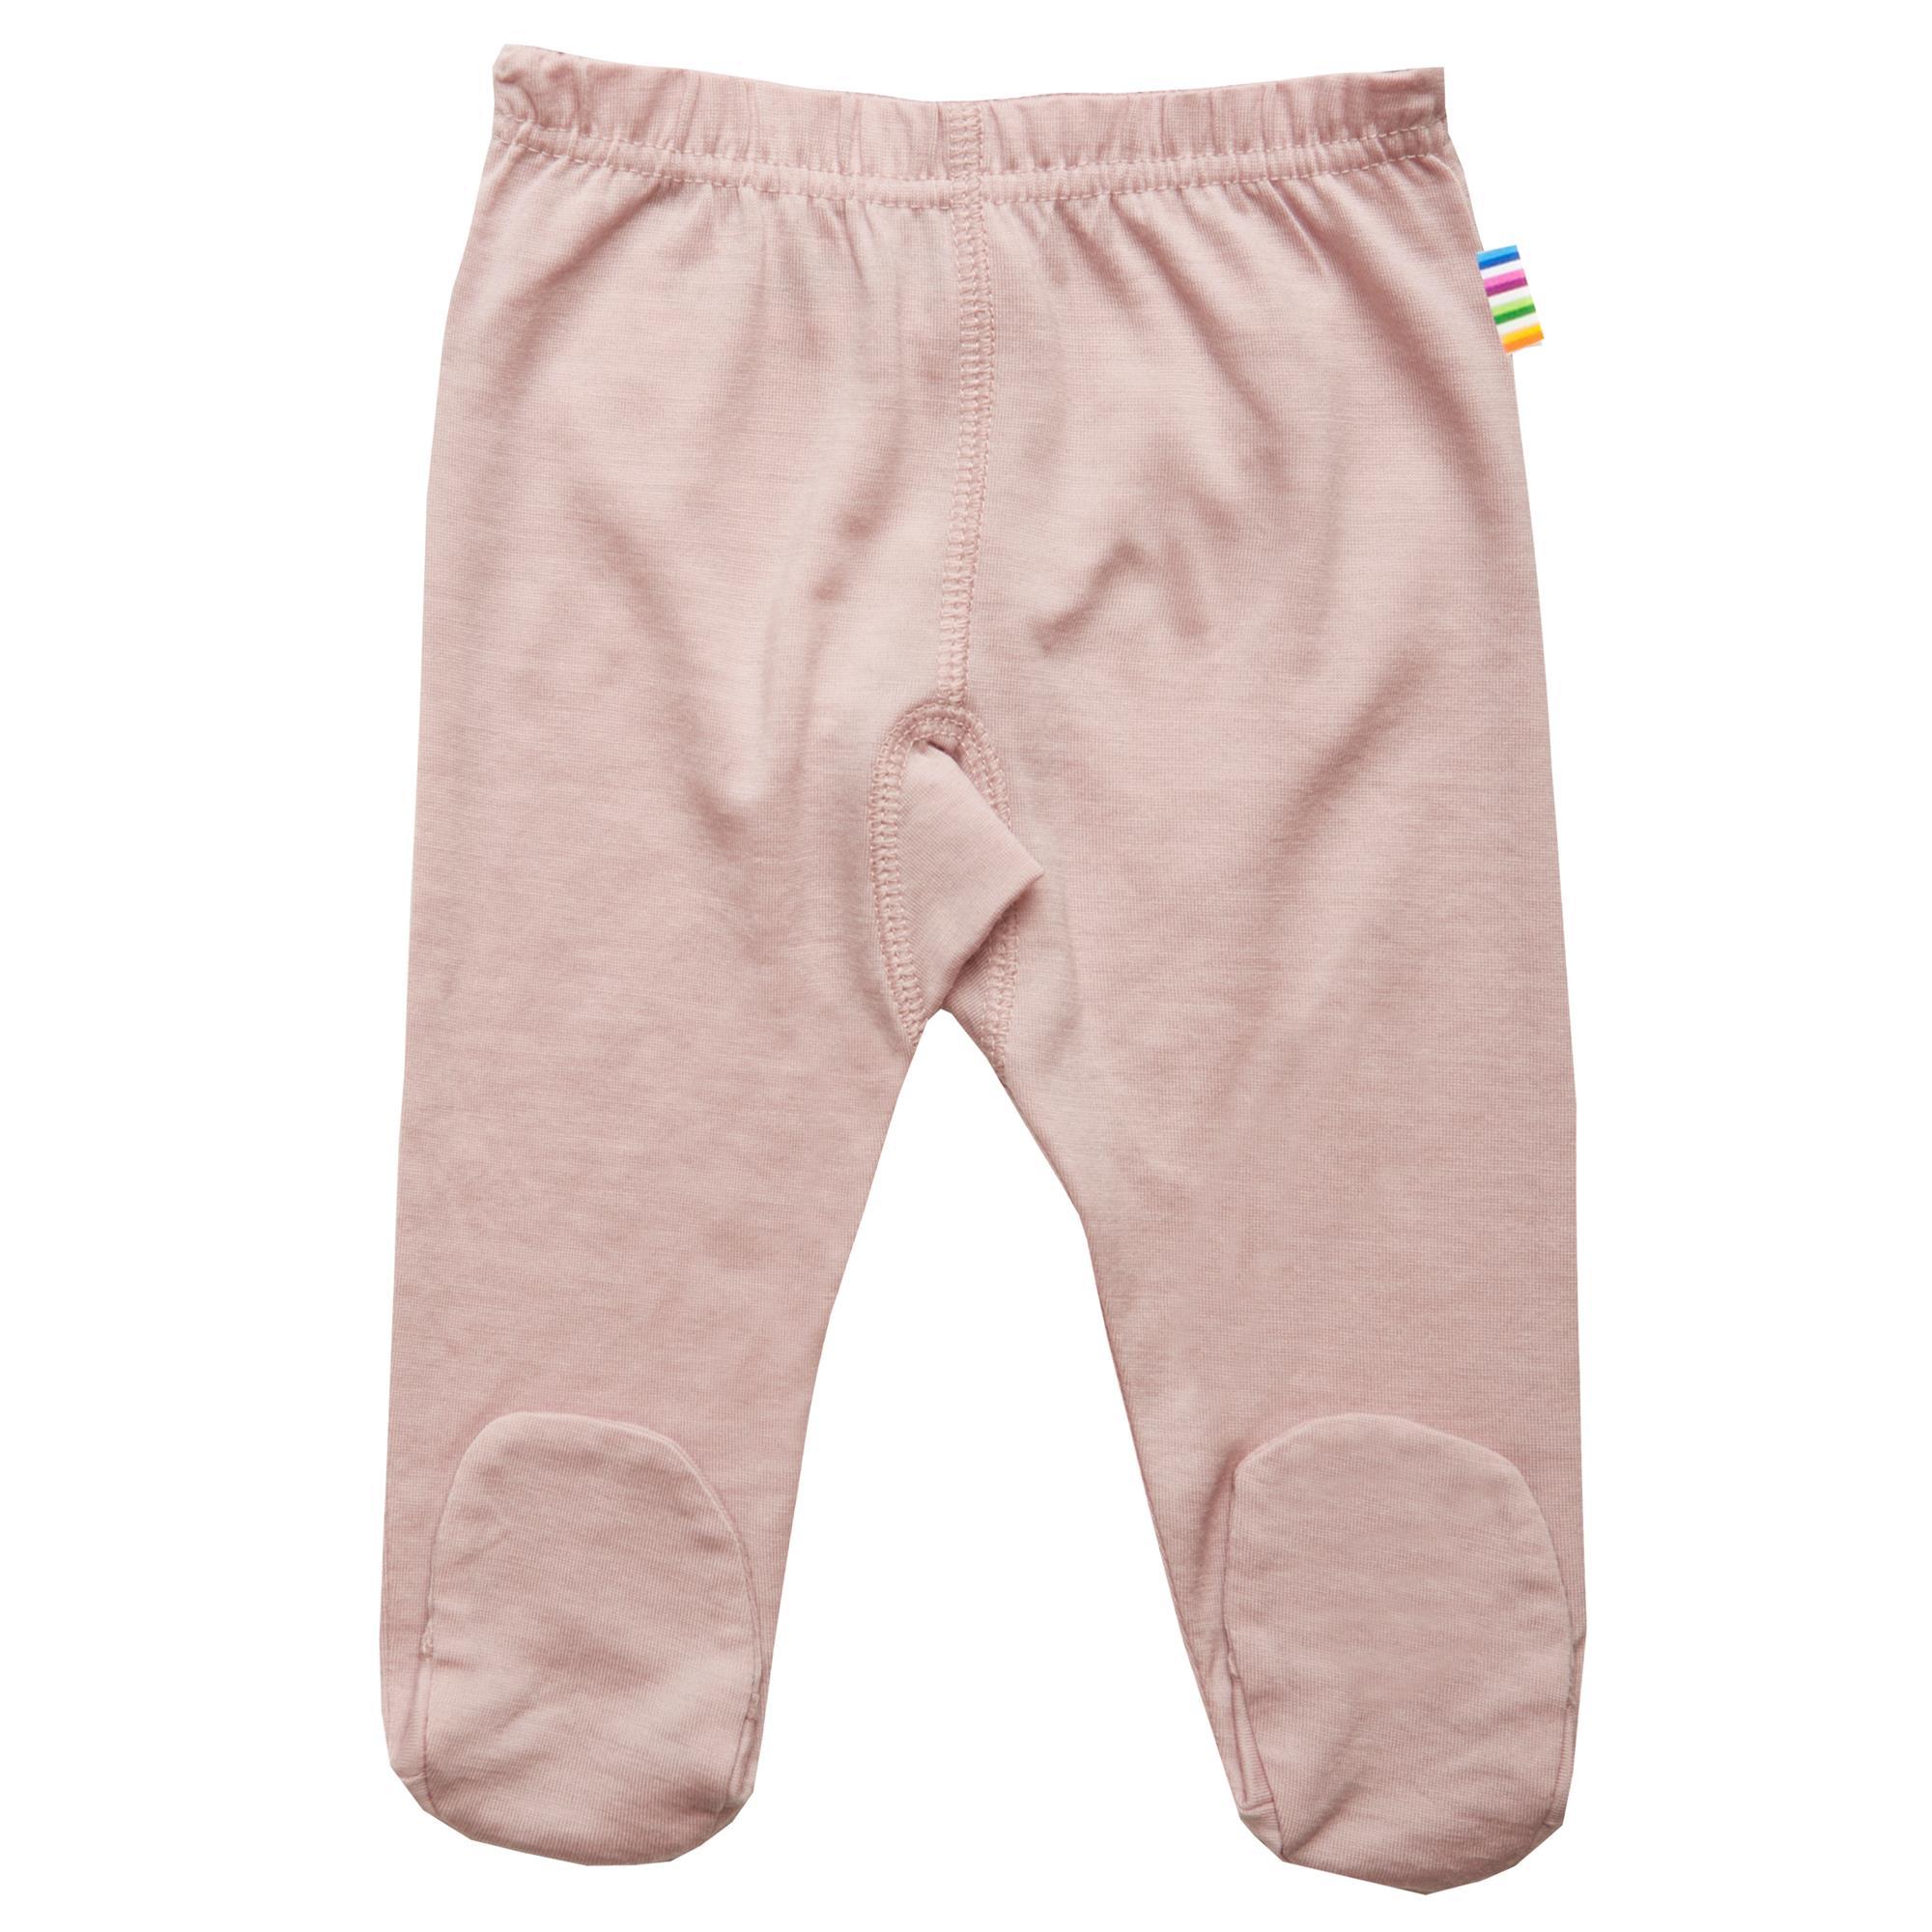 JOHA bukser med fødder uld støvet rosa, str. 40